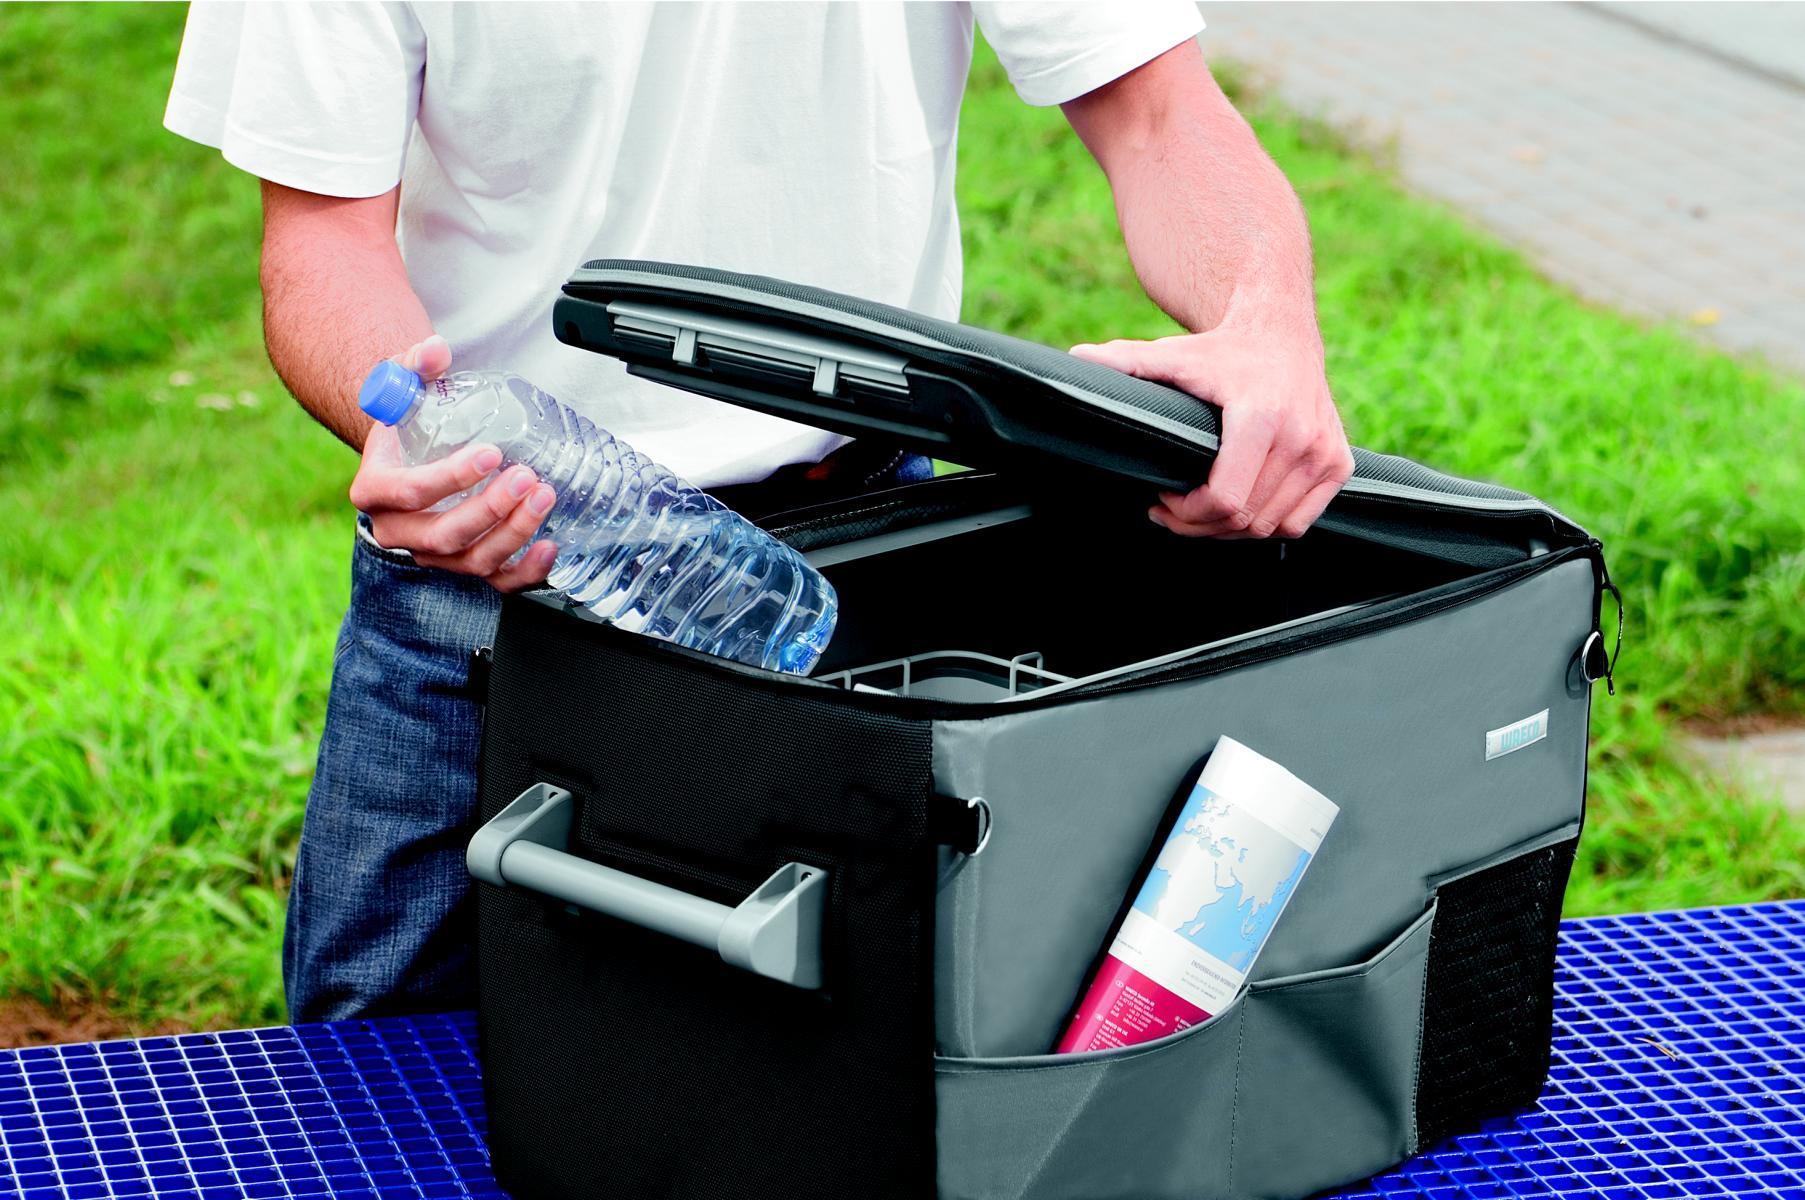 dometic coolfreeze cf 35 kompressork hlbox 26 5 liter. Black Bedroom Furniture Sets. Home Design Ideas